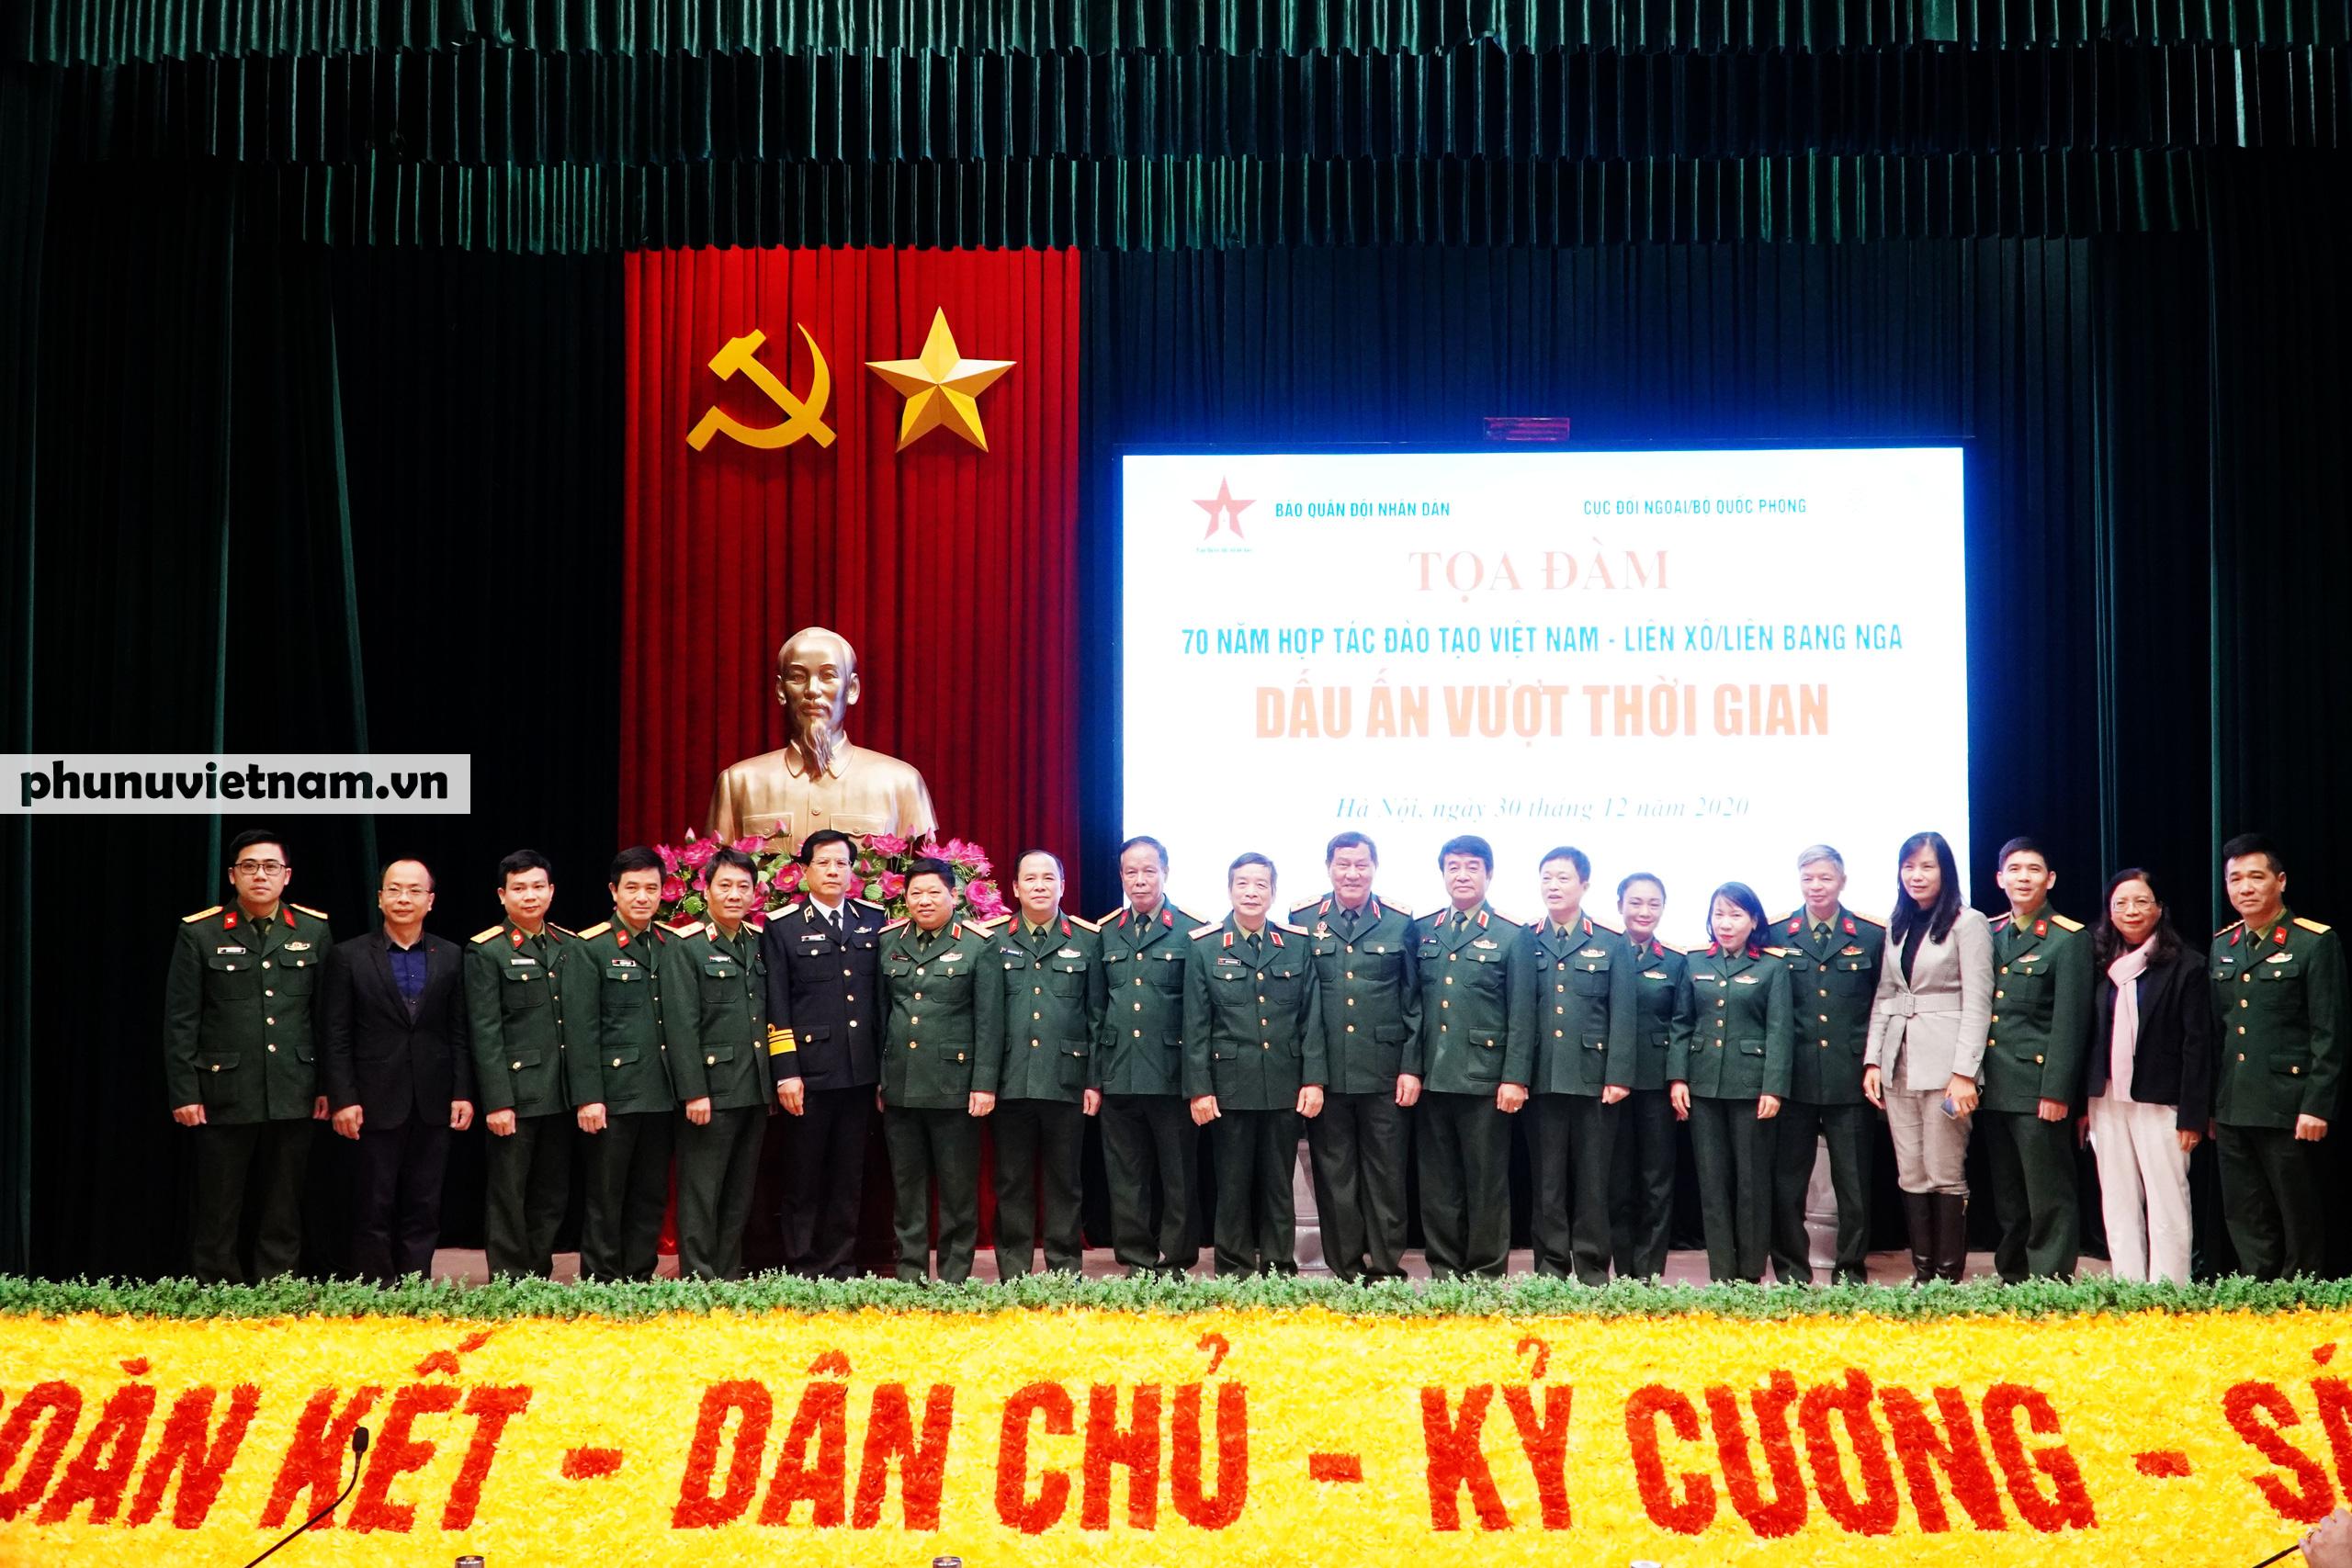 """Kỷ niệm 70 năm hợp tác đào tạo Việt Nam - Nga: """"Những gì tôi làm đều gắn với tiếng Nga, gắn với Bác Hồ"""" - Ảnh 1."""